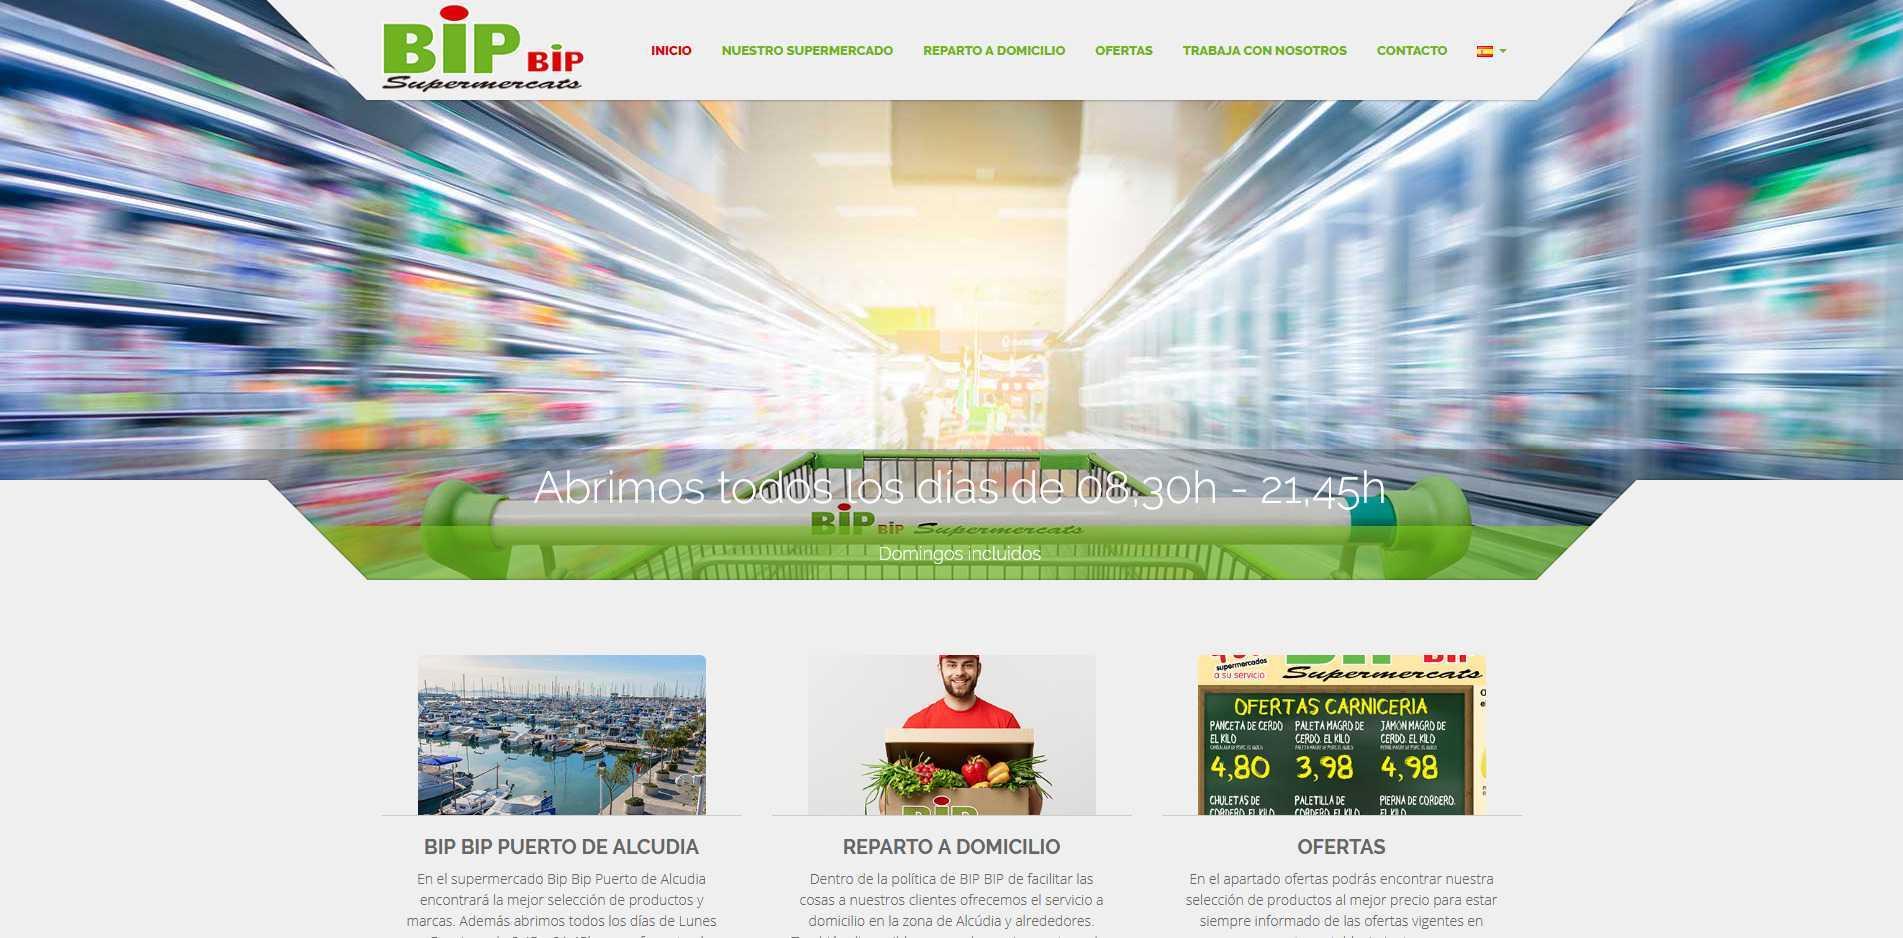 BIP BIP Supermercados